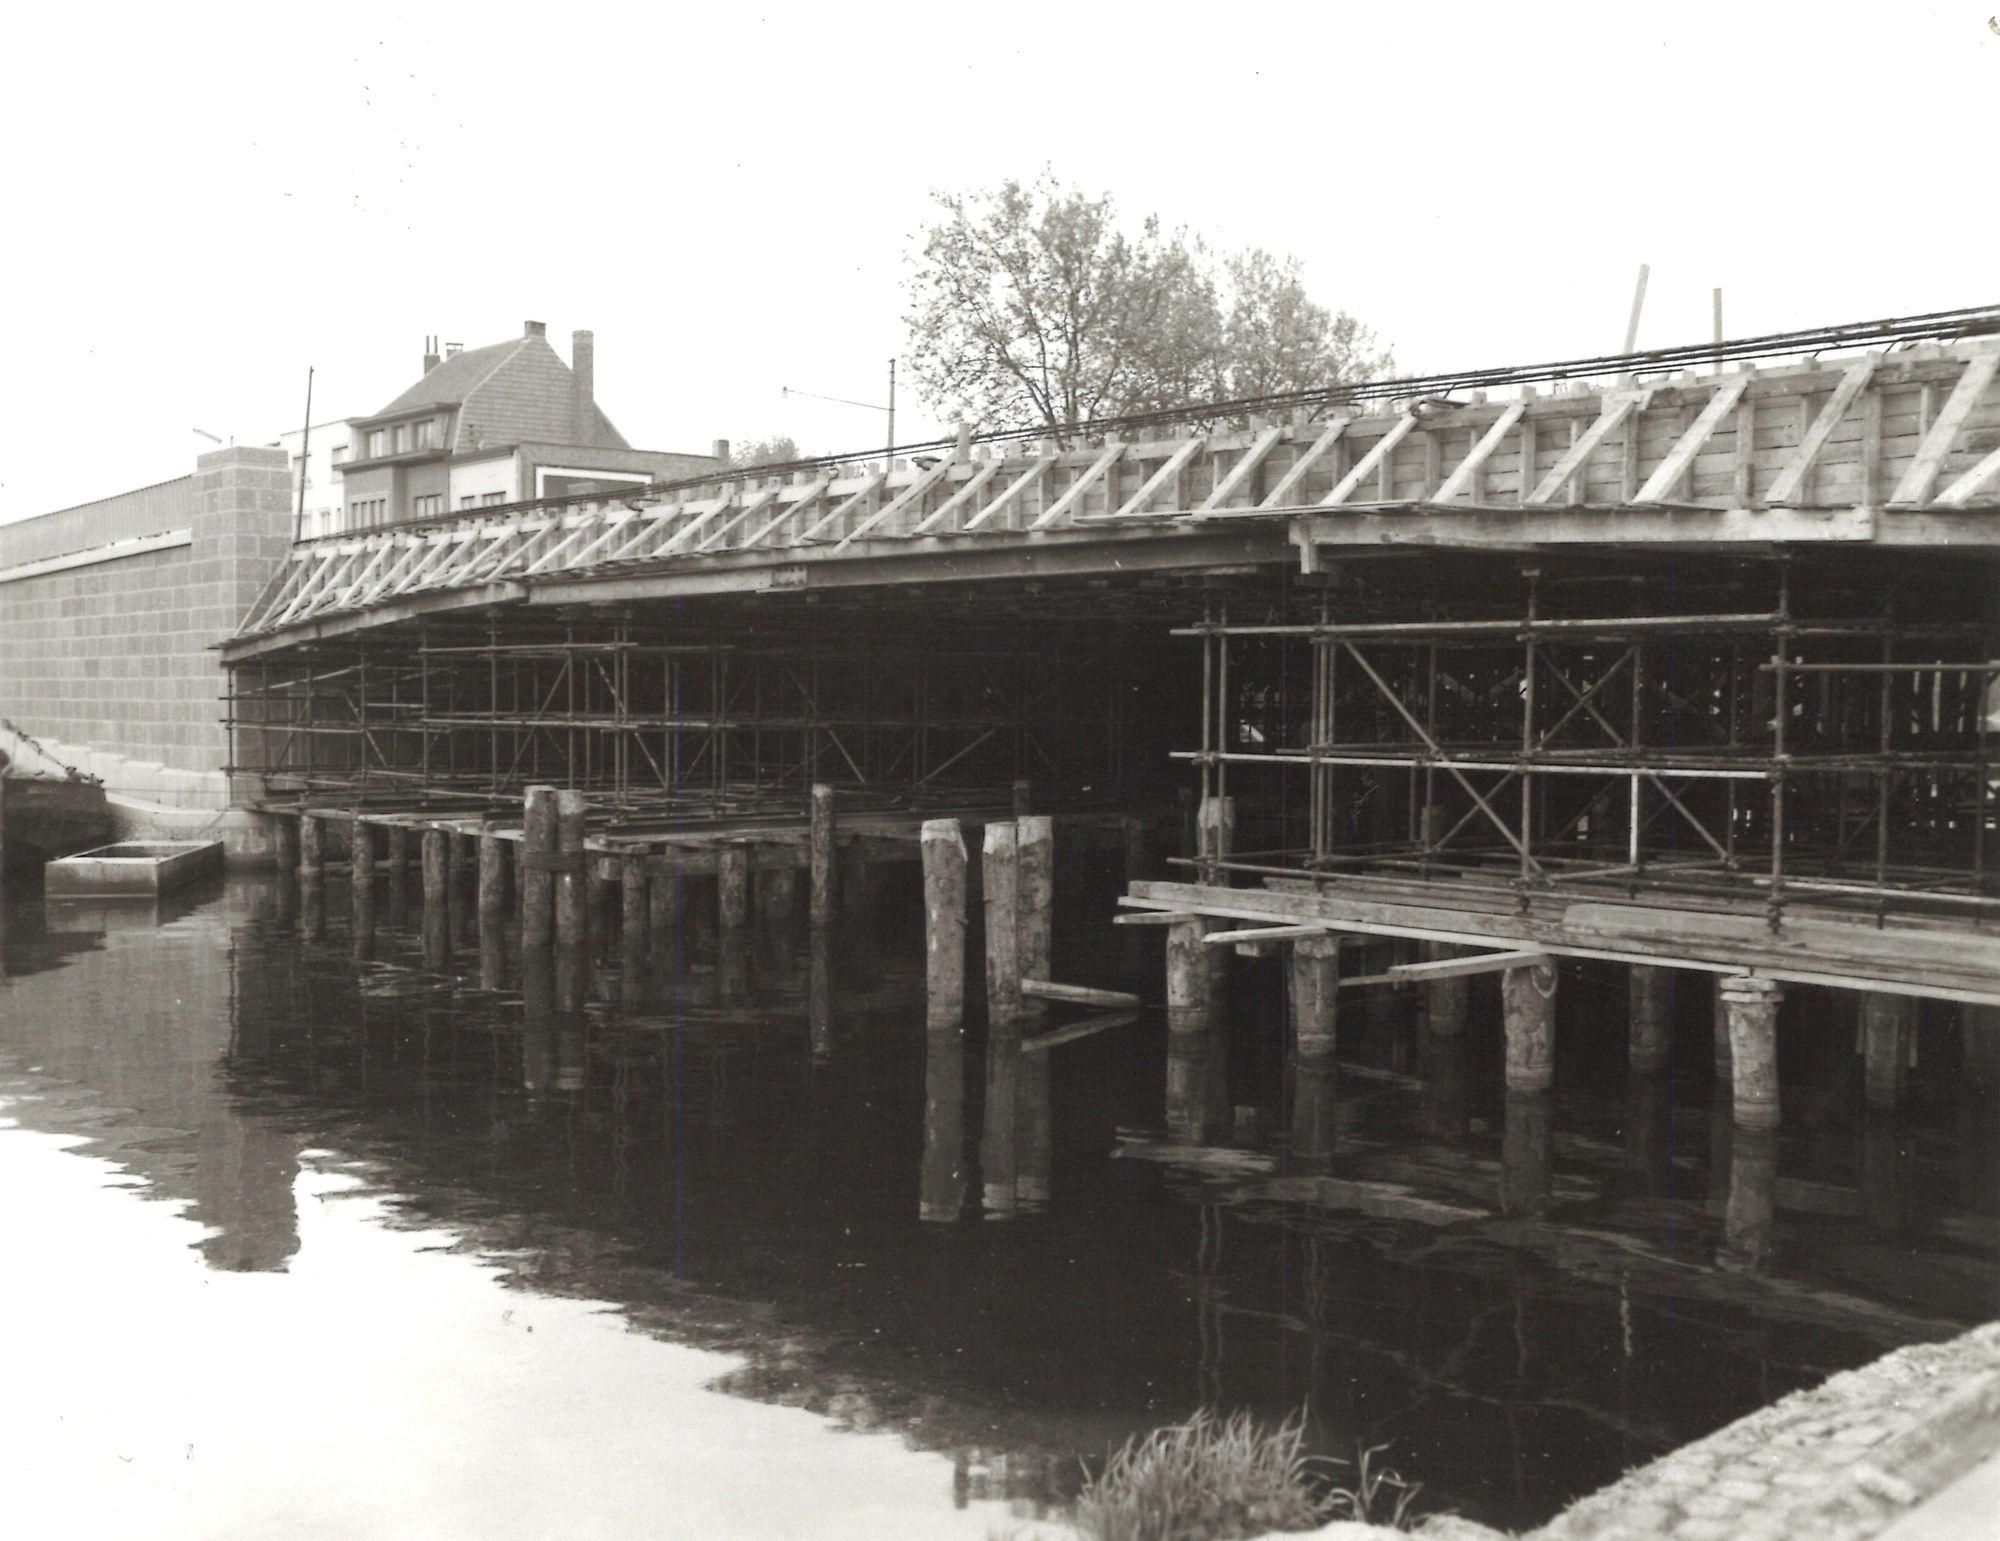 Groeningebrug 1956